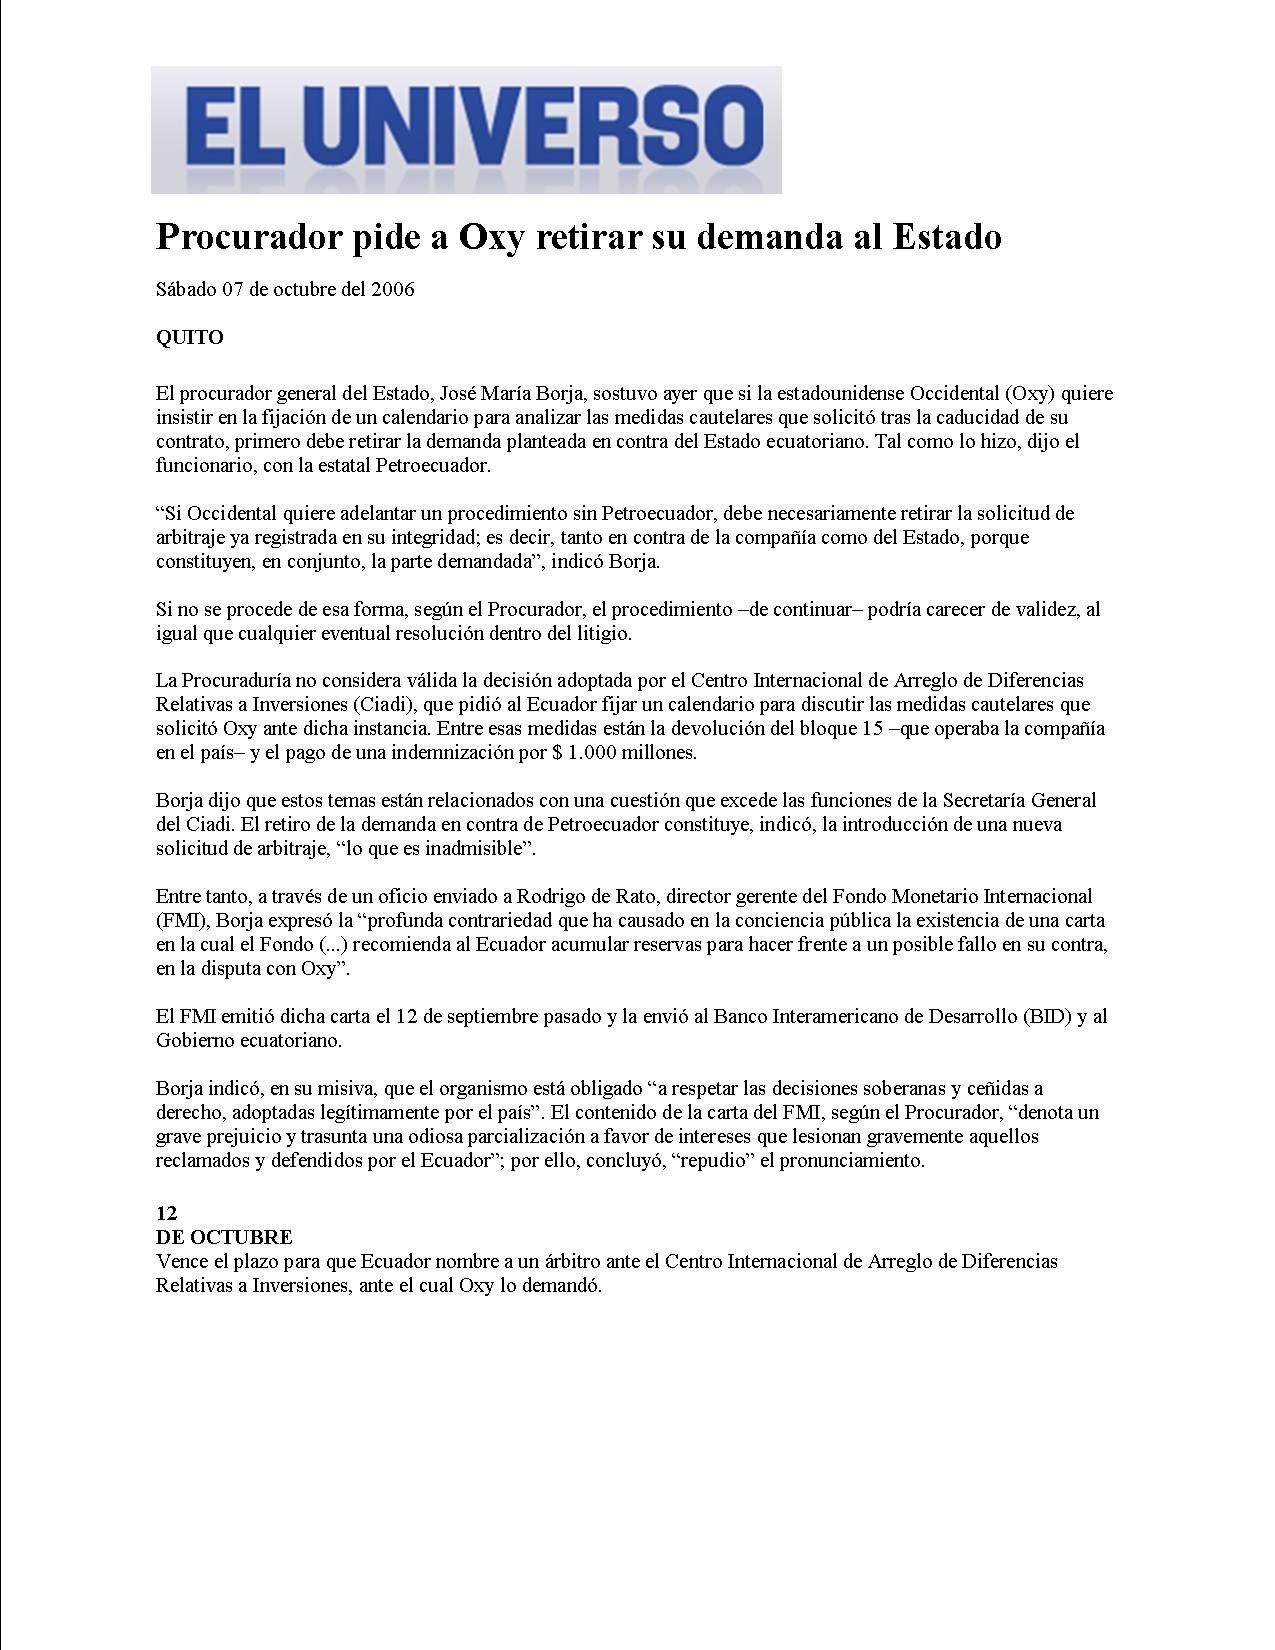 5-2006-10-07-El Universo